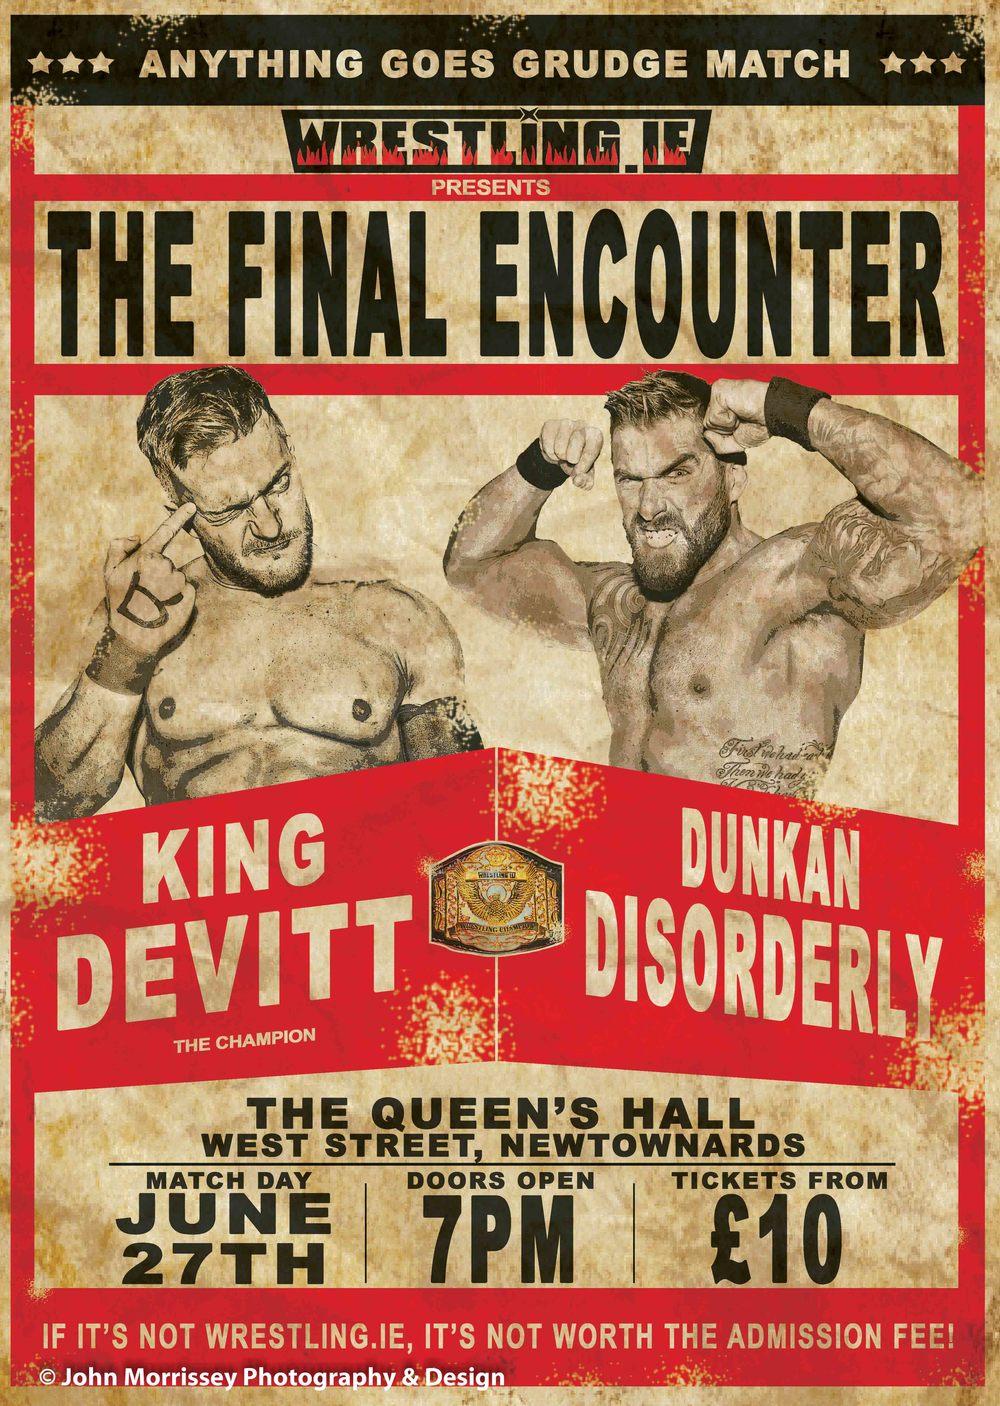 Wrestling Poster Vintage Concept.